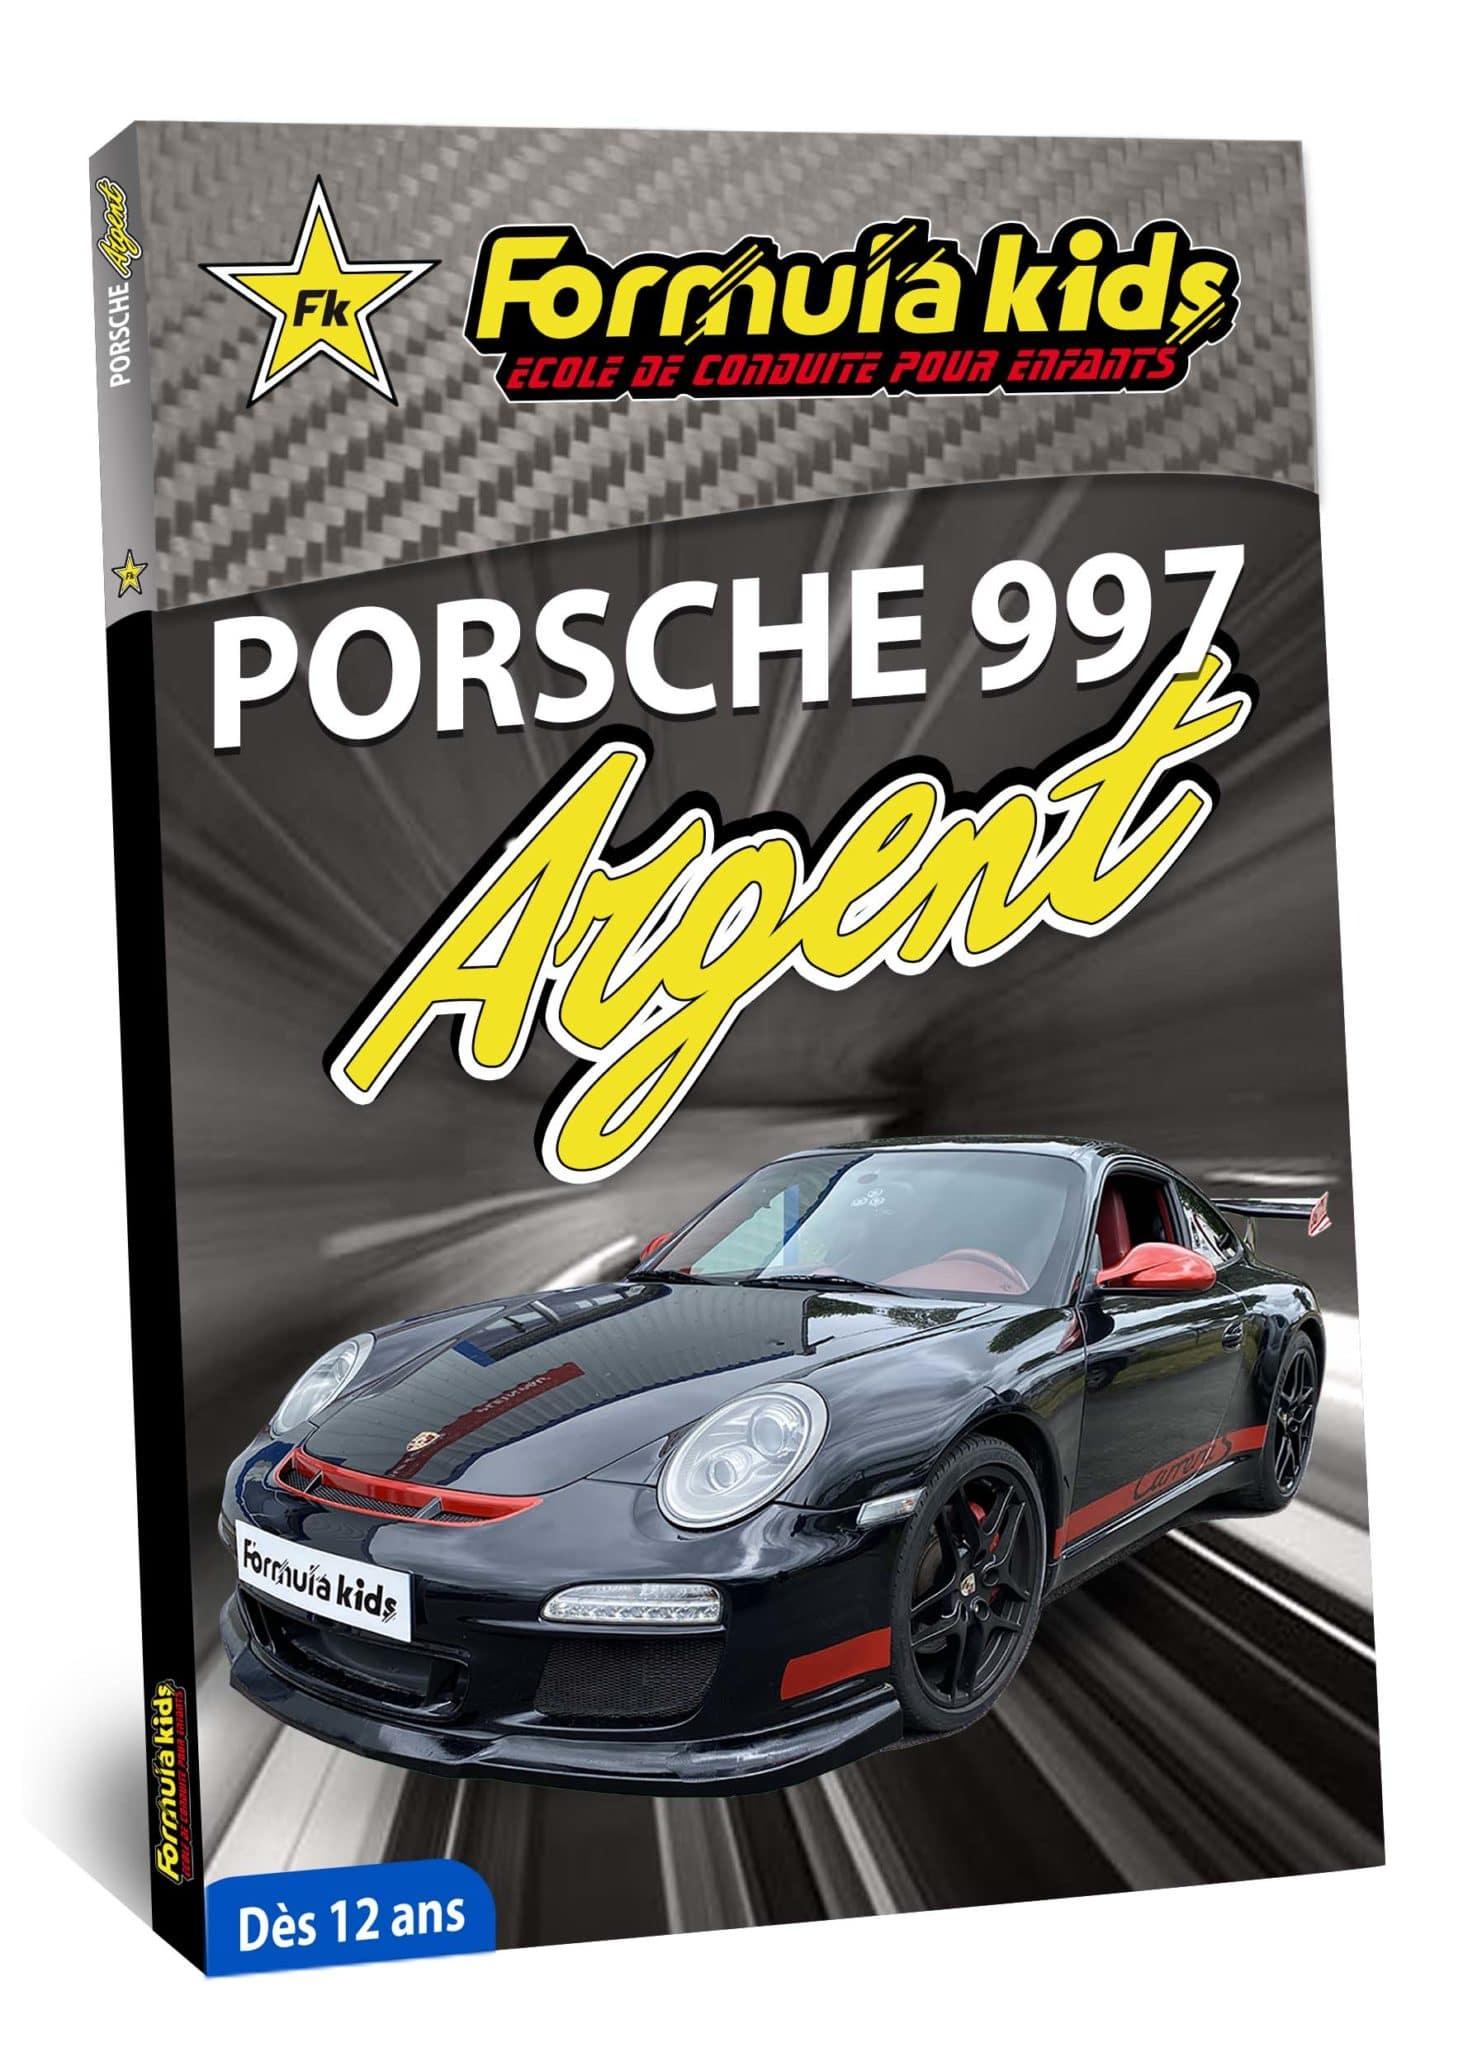 Porsche 997 Argent - Conduire une Porsche dès 12 ans - Formula Kids - Stage de conduite enfant - Stage de pilotage sur As'Phalte - Stage Junior - Conduire une TT dès 7 ans - Formula Kids - Stage de conduite enfant - Stage de pilotage sur As'Phalte - Stage Junior - Cadeau - Idée anniversaire - Smart Box - Idée Cadeau - Loisir - Famille - Pilotage - - Pilotage GT - Pilotage enfant - Porsche 991 - Porsche 997 - Porsche Carrera 4S - PDK